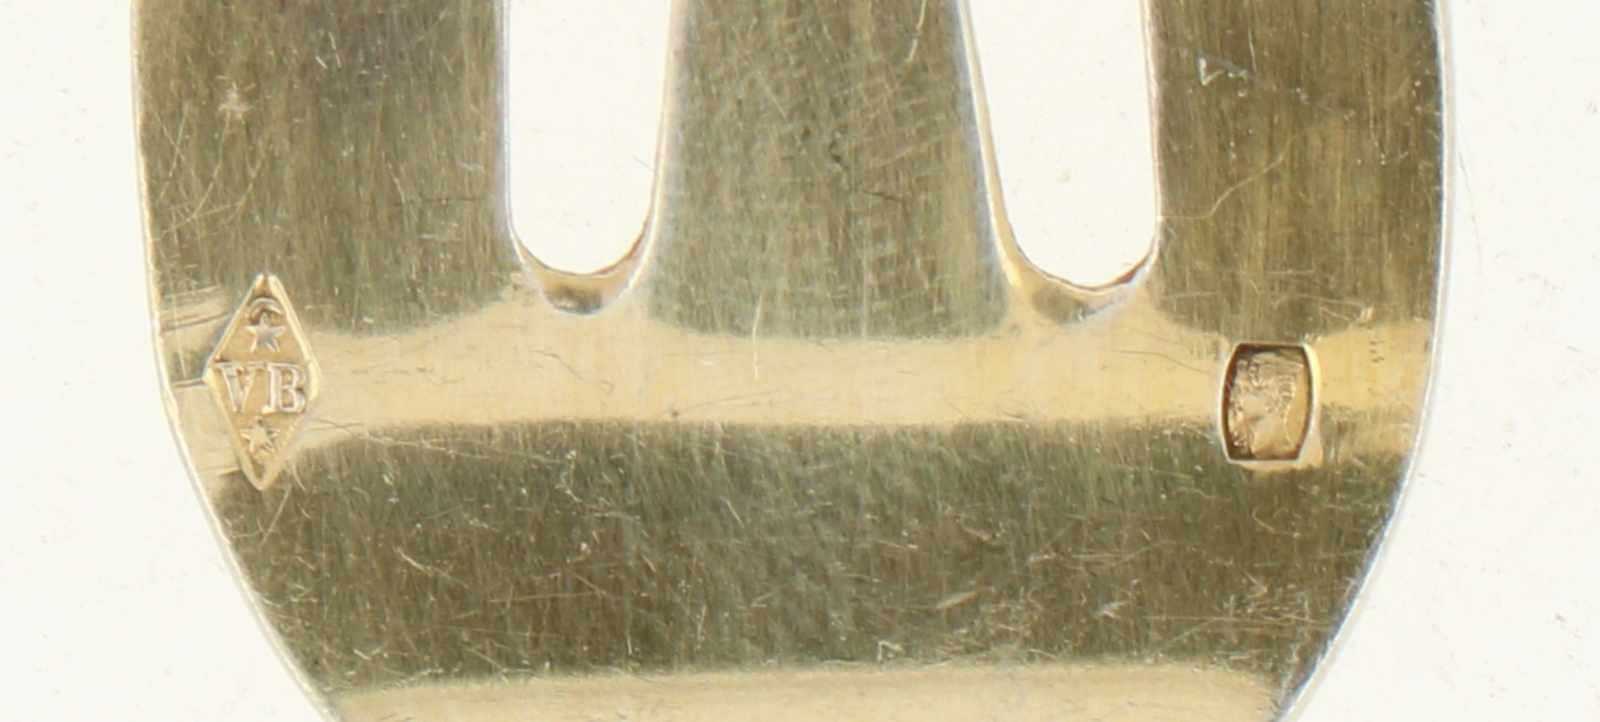 (11) Oestervorkjes zilver.Met rocaille decoratie en vergulde vorktandjes. Frankrijk, Parijs, V. - Bild 4 aus 4